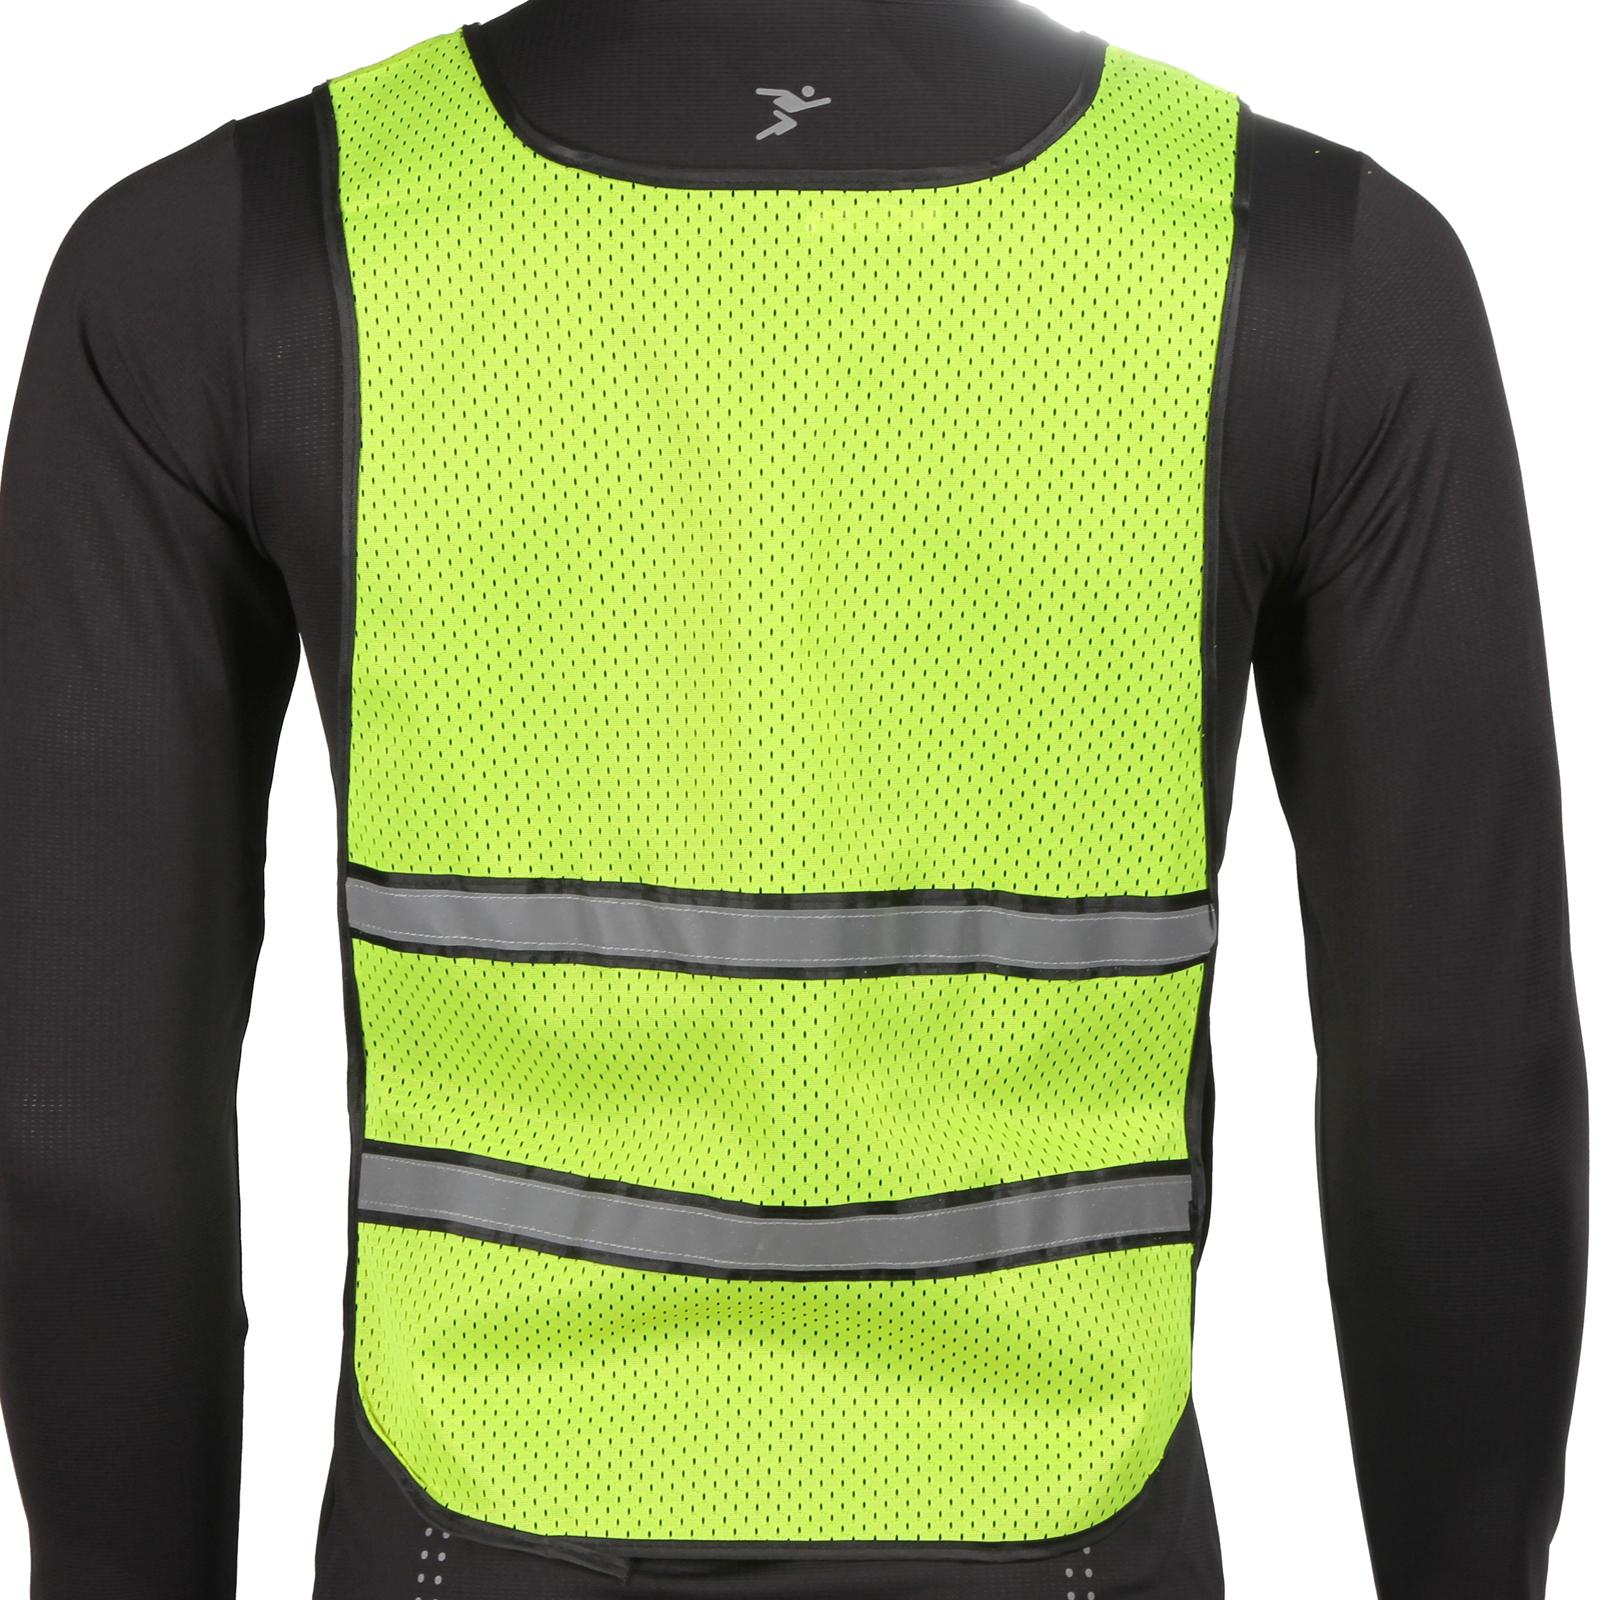 Precision running reflective vest bib high viz pink or for Hi viz running shirt